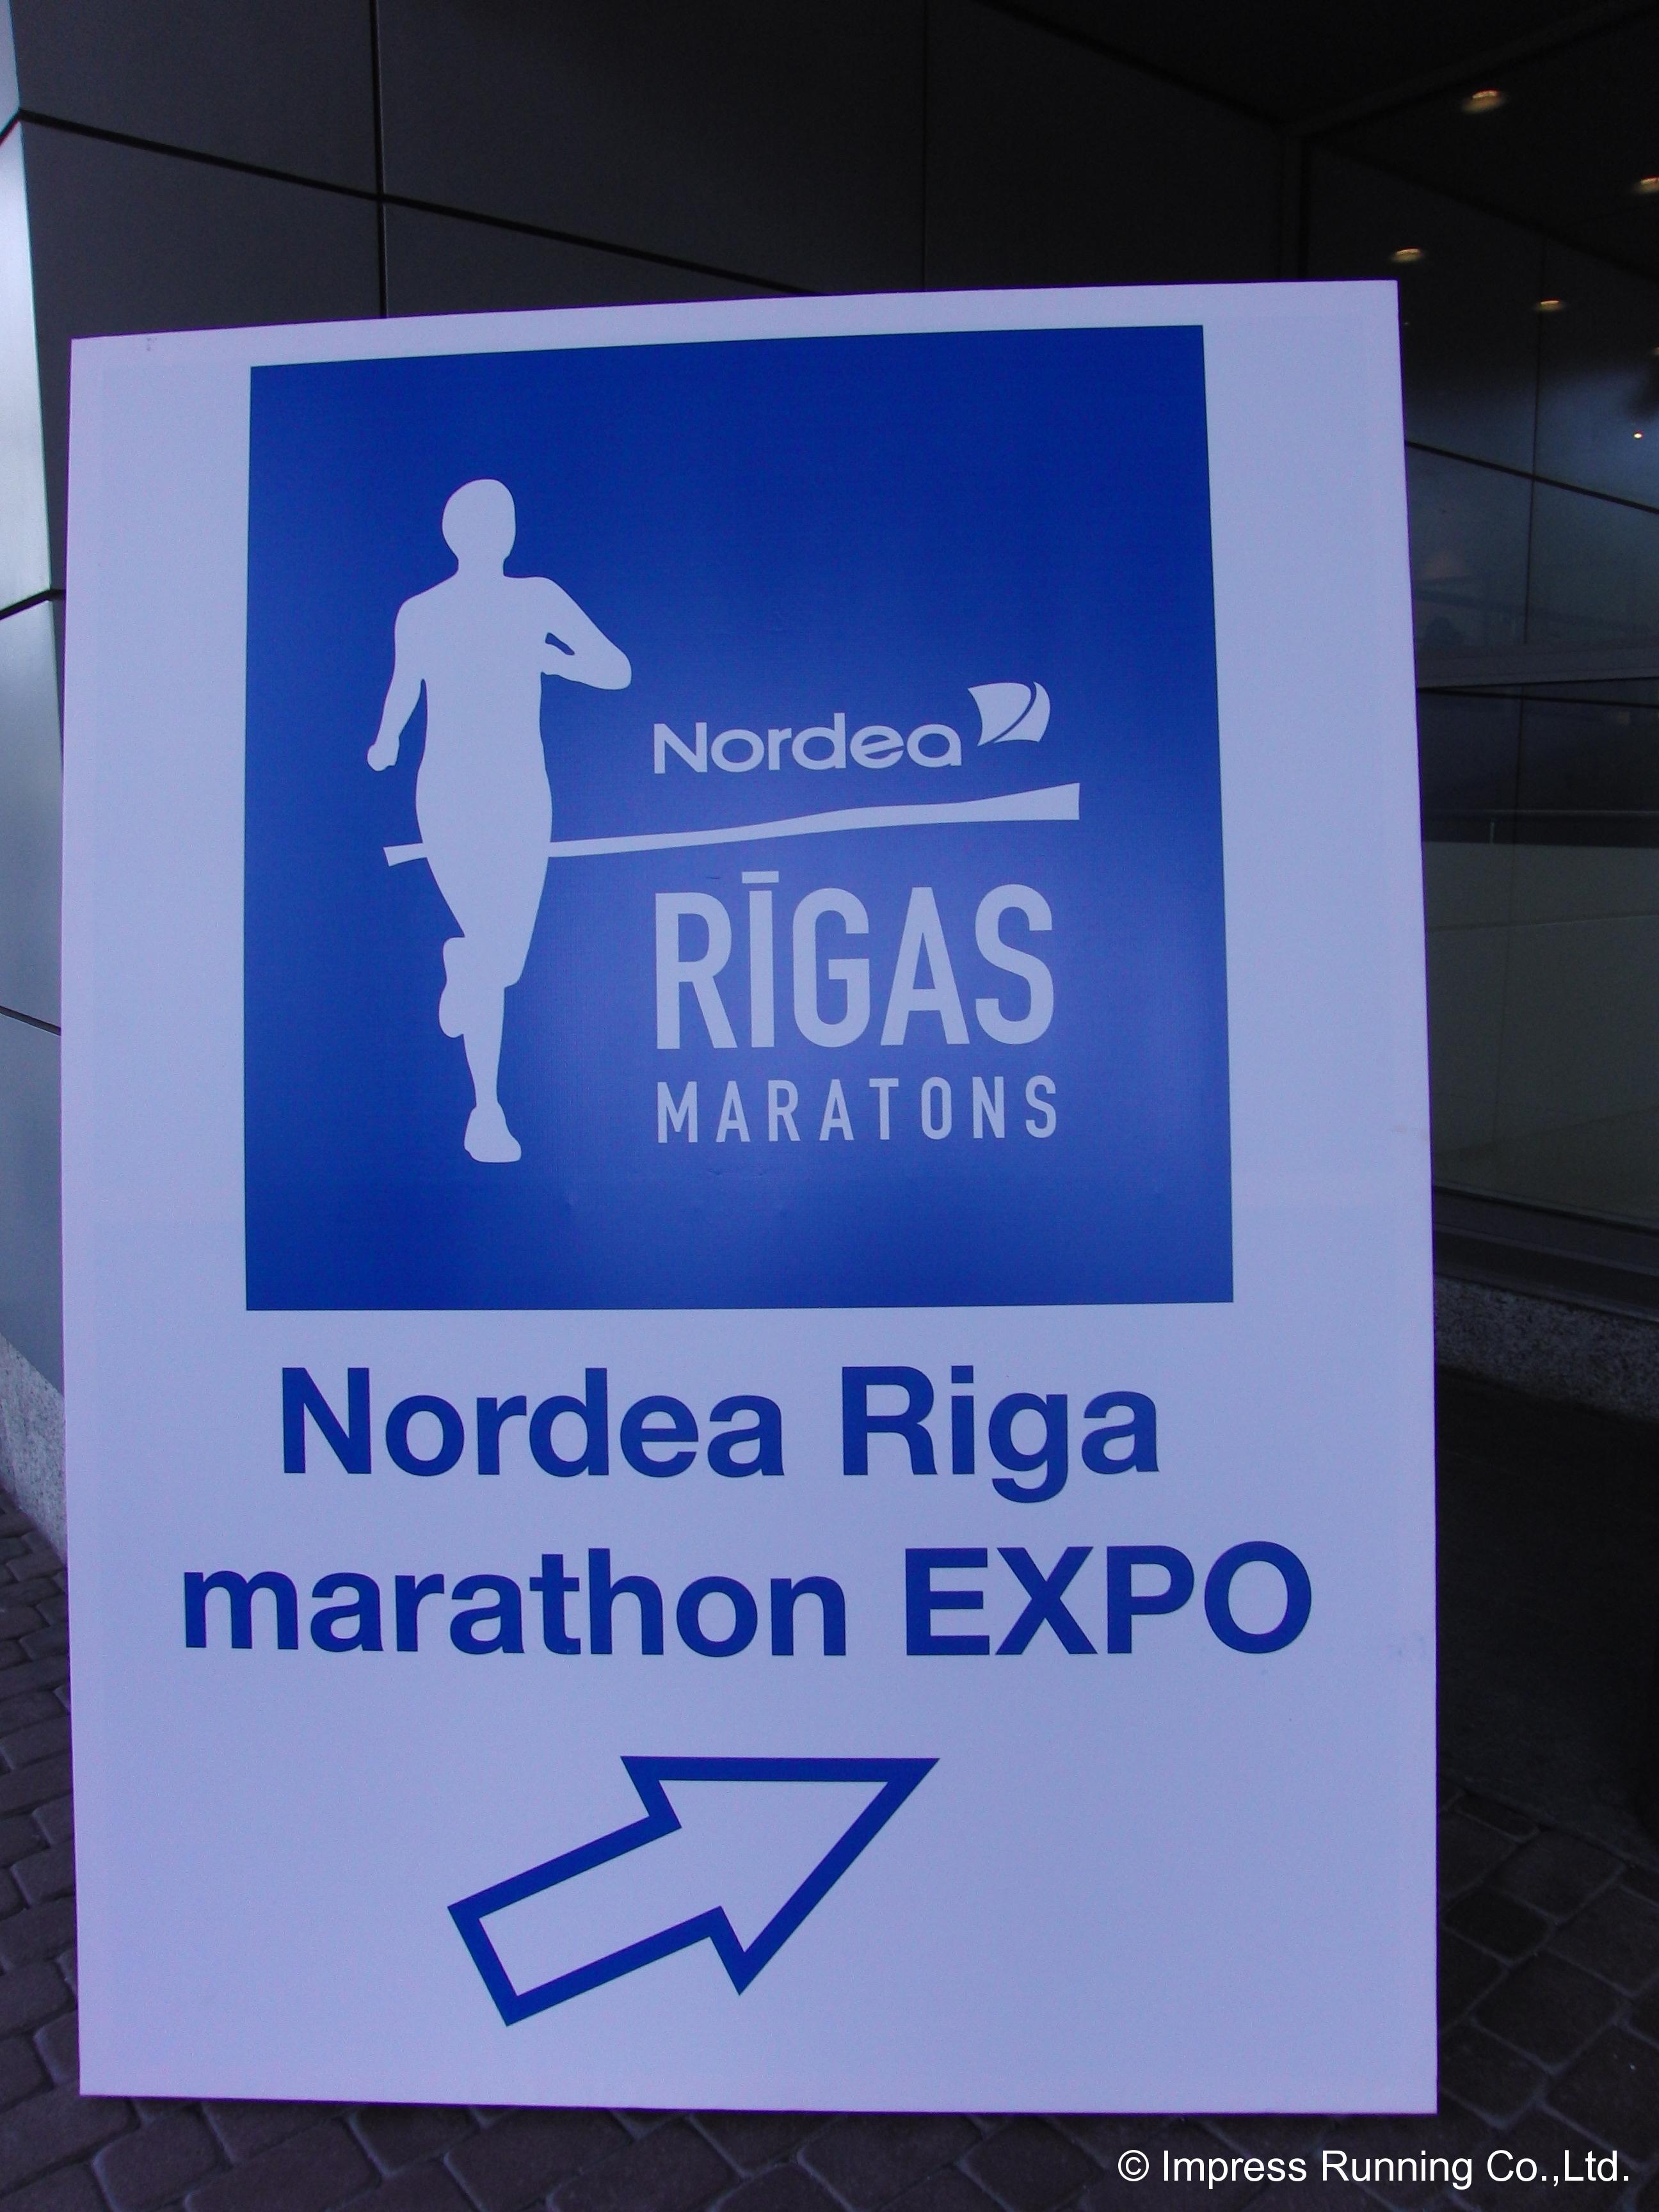 Riga_CIMG9501